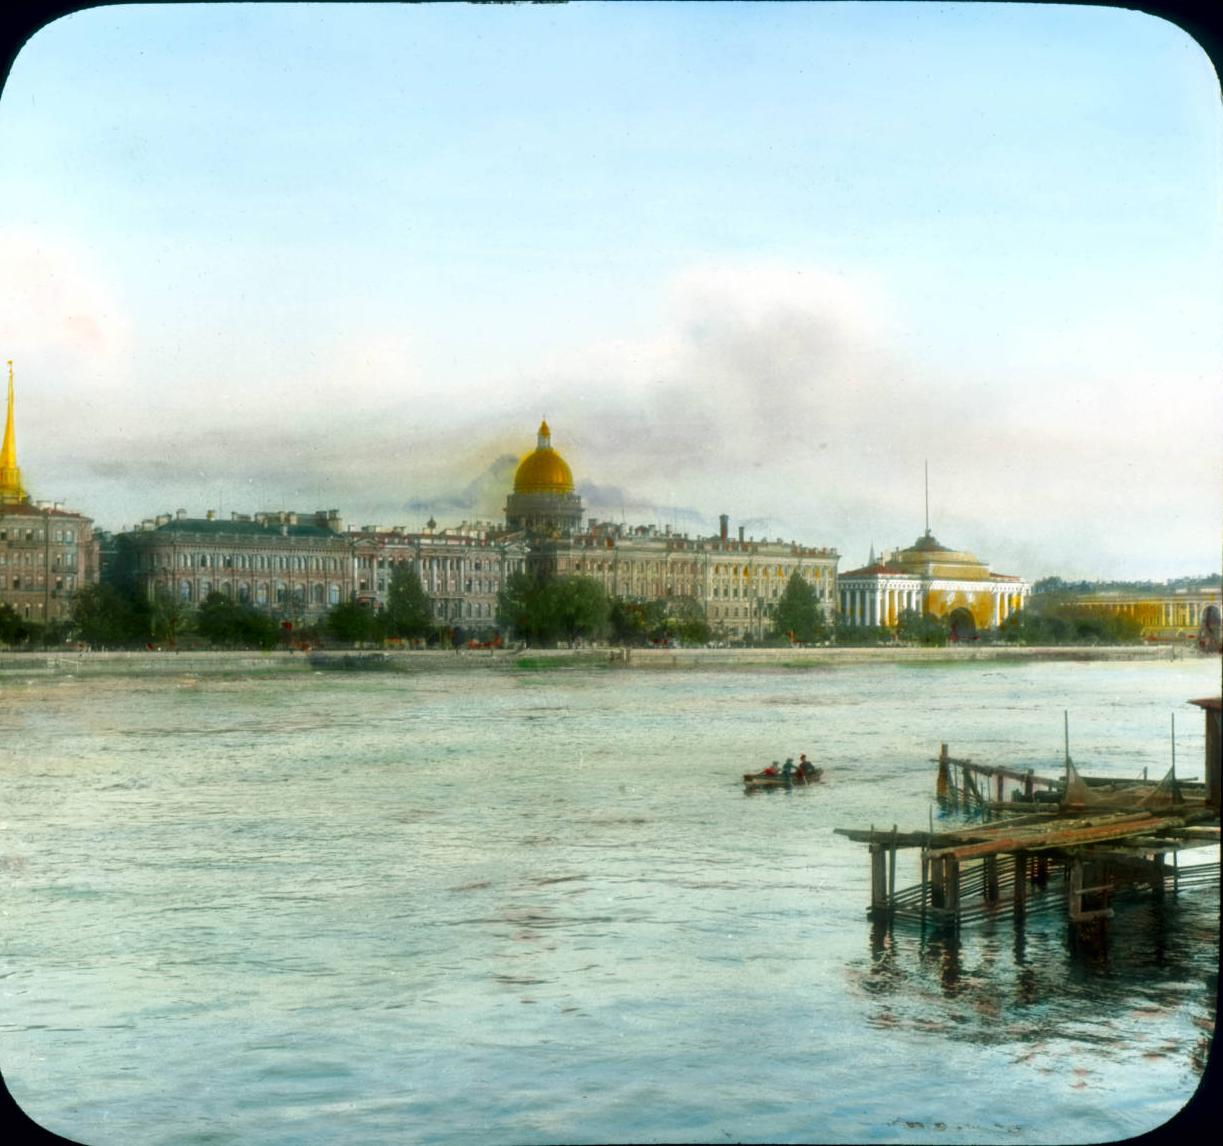 Санкт-Петербург. Панорамный вид на Неву и Исаакиевский собор